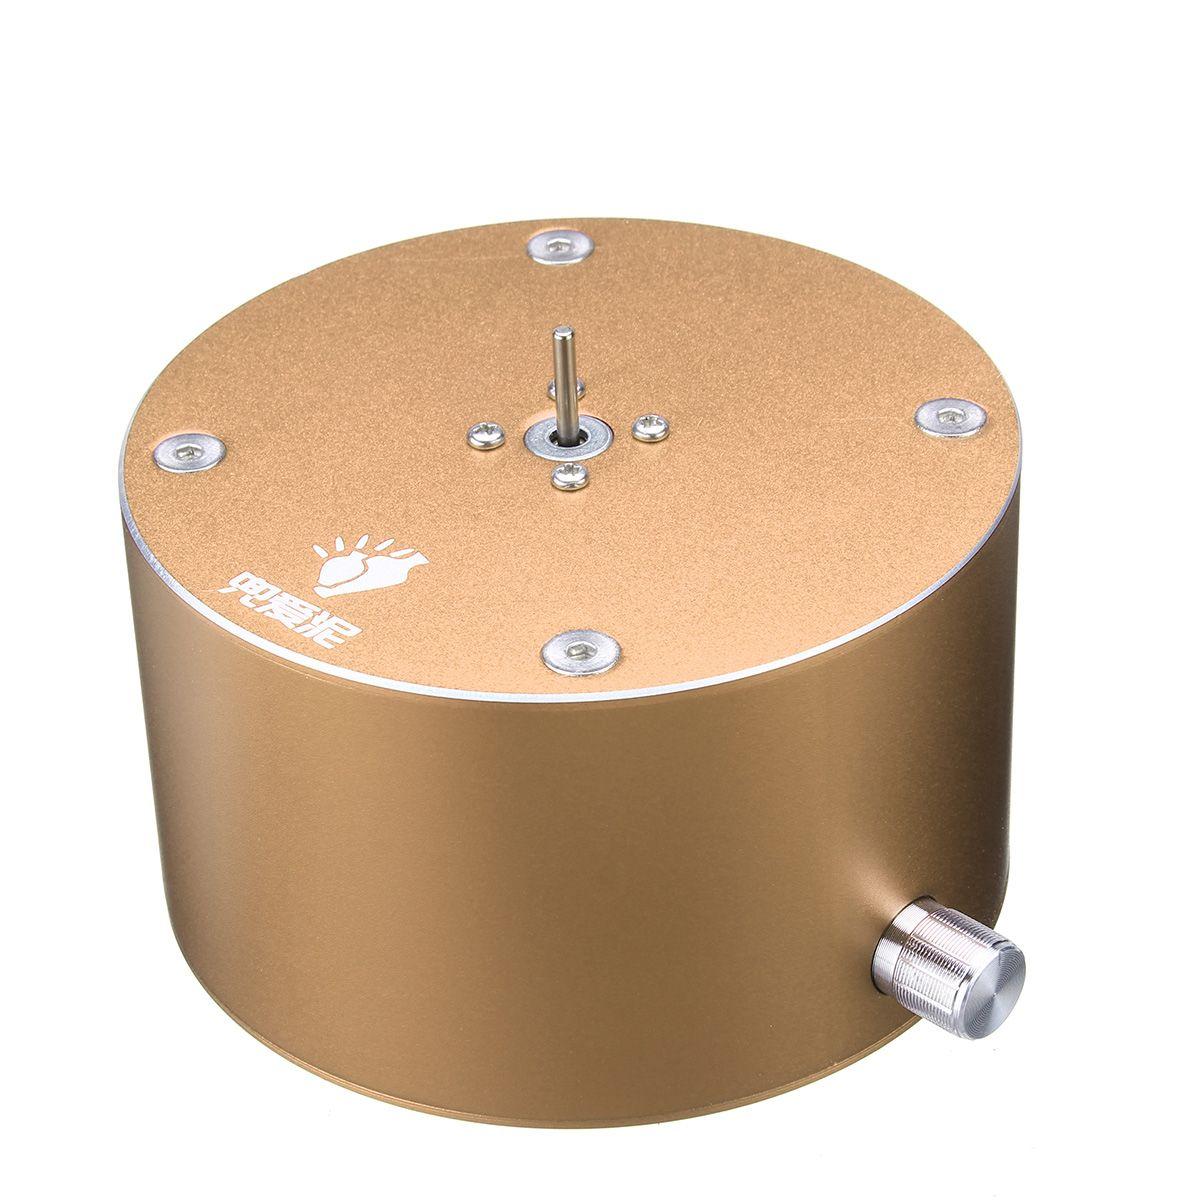 Tournant la Machine en céramique de roue de poterie électrique 12 V 1500 t/mn bricolage la poterie en céramique d'argile faisant la trousse d'outils avec la plaque tournante - 6